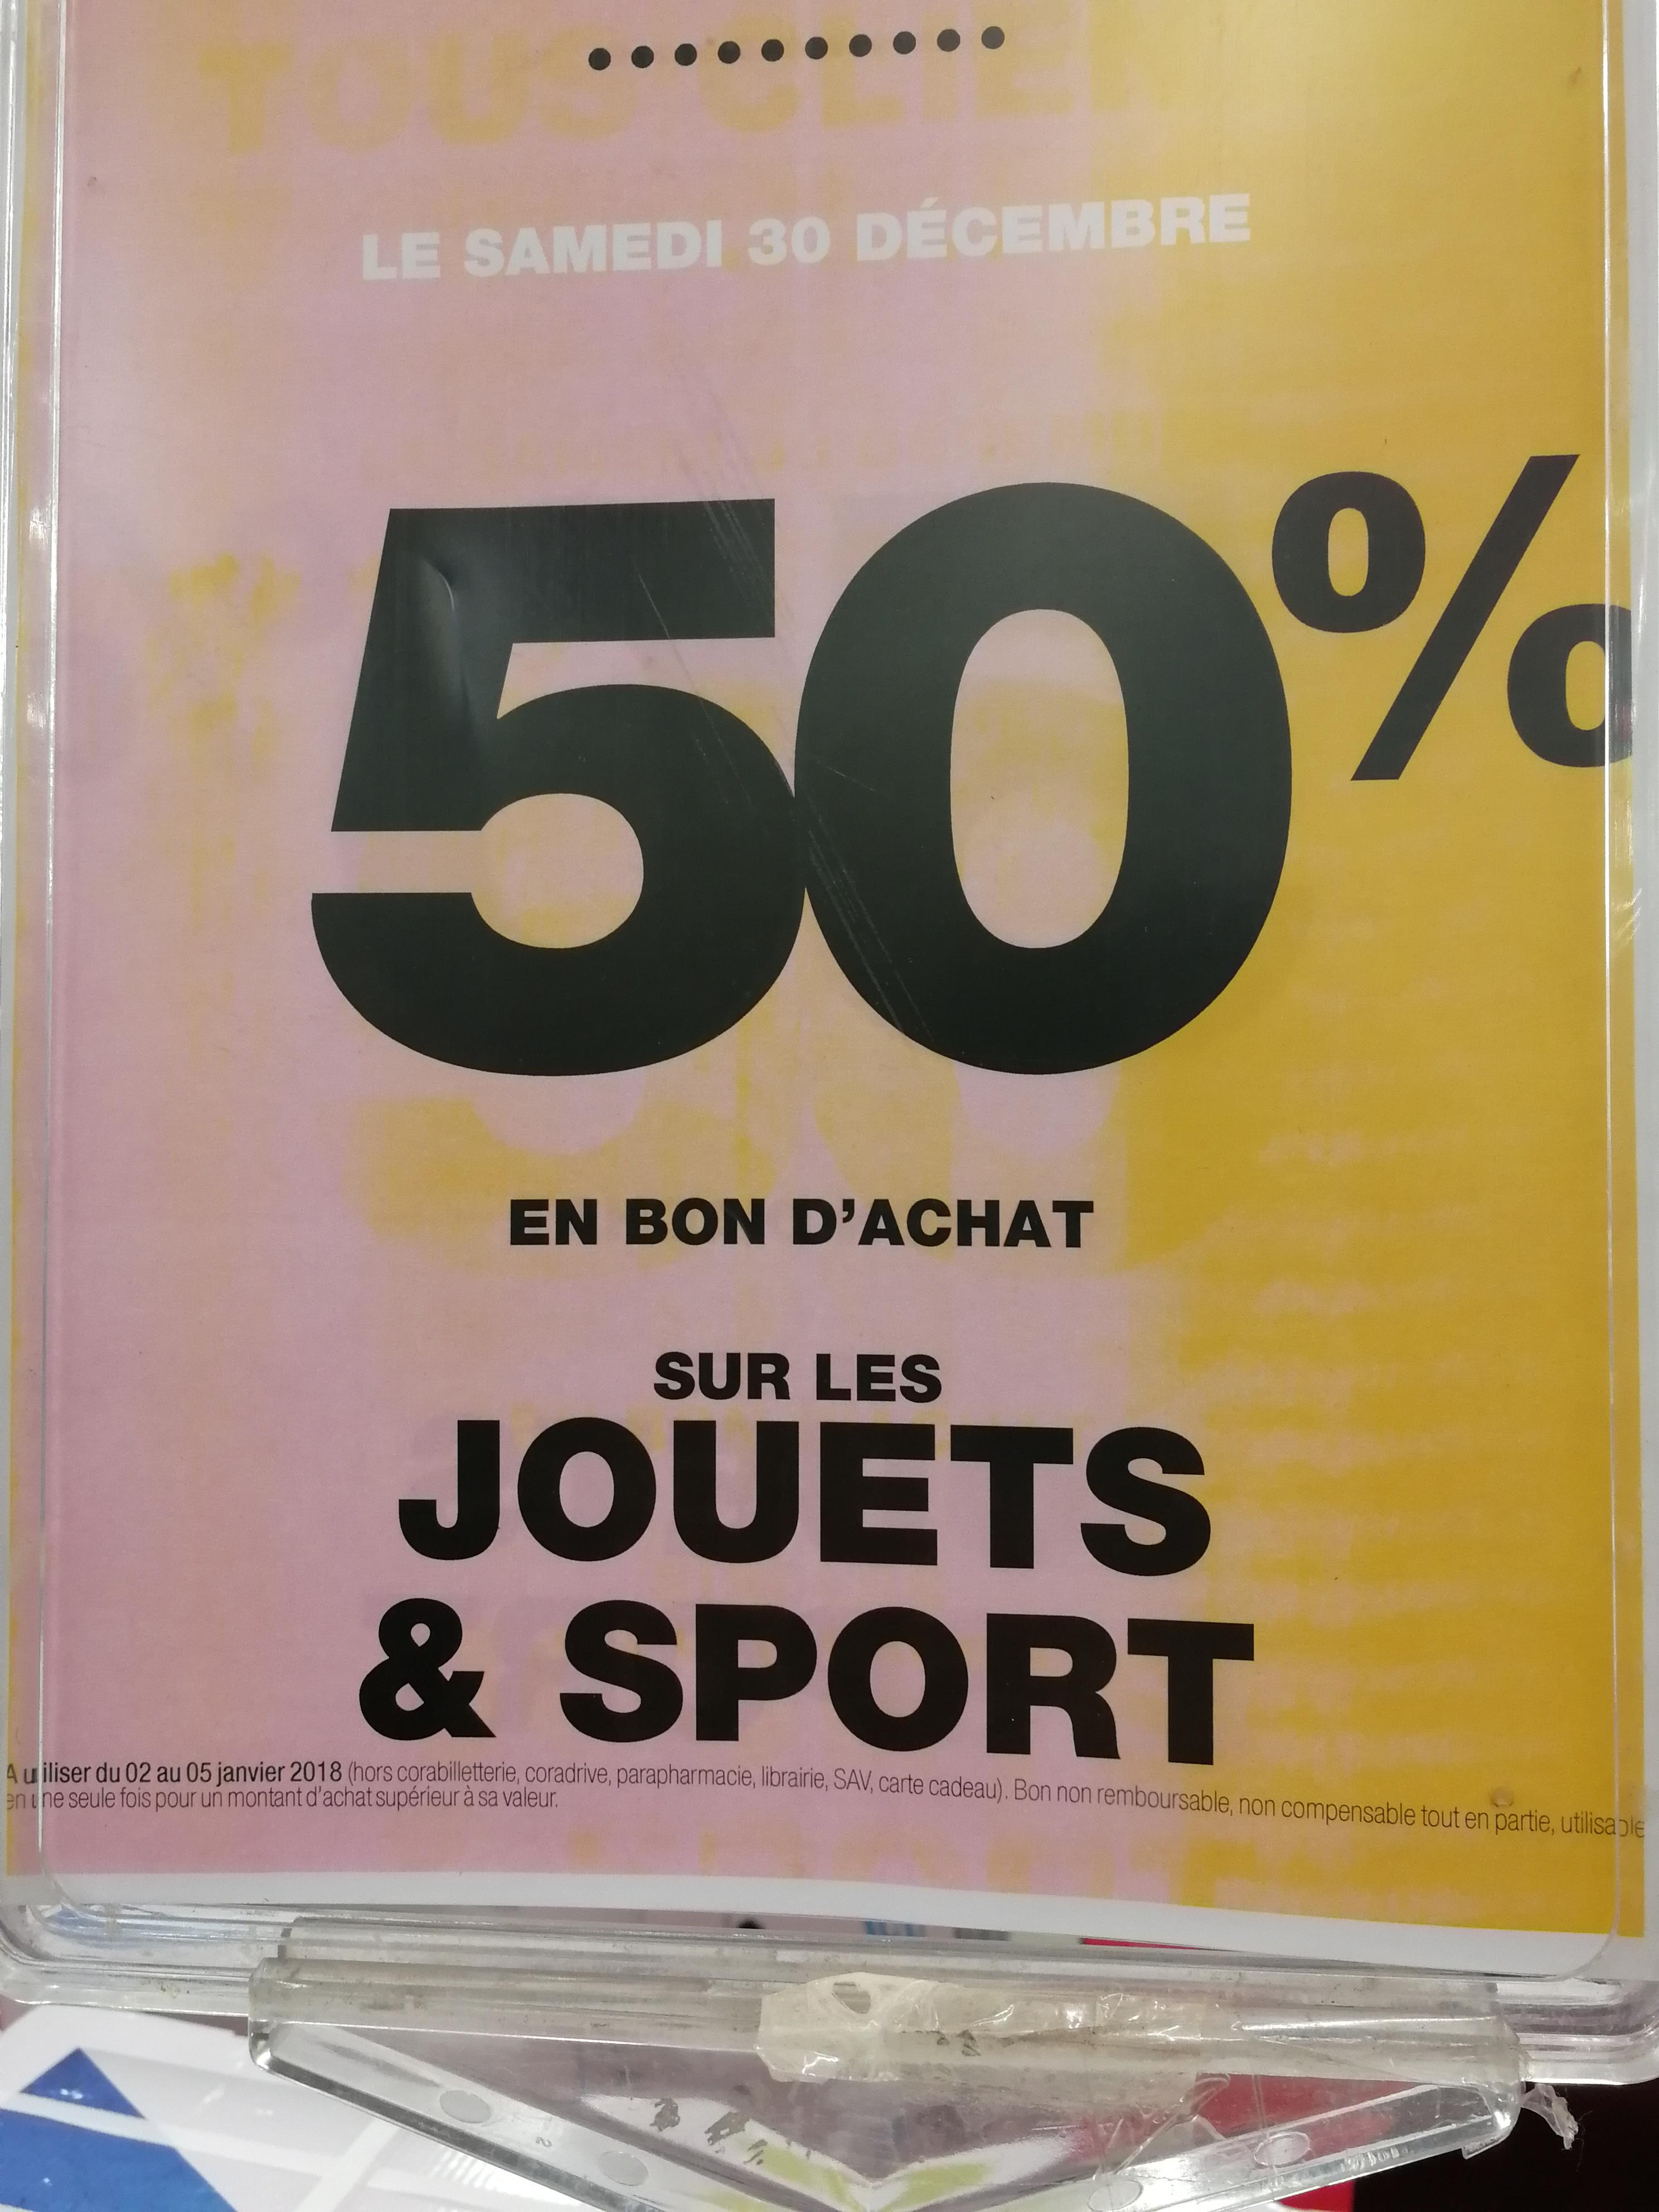 50% en bon d'achat sur les jouets et sport - Cora Arcueil (94)